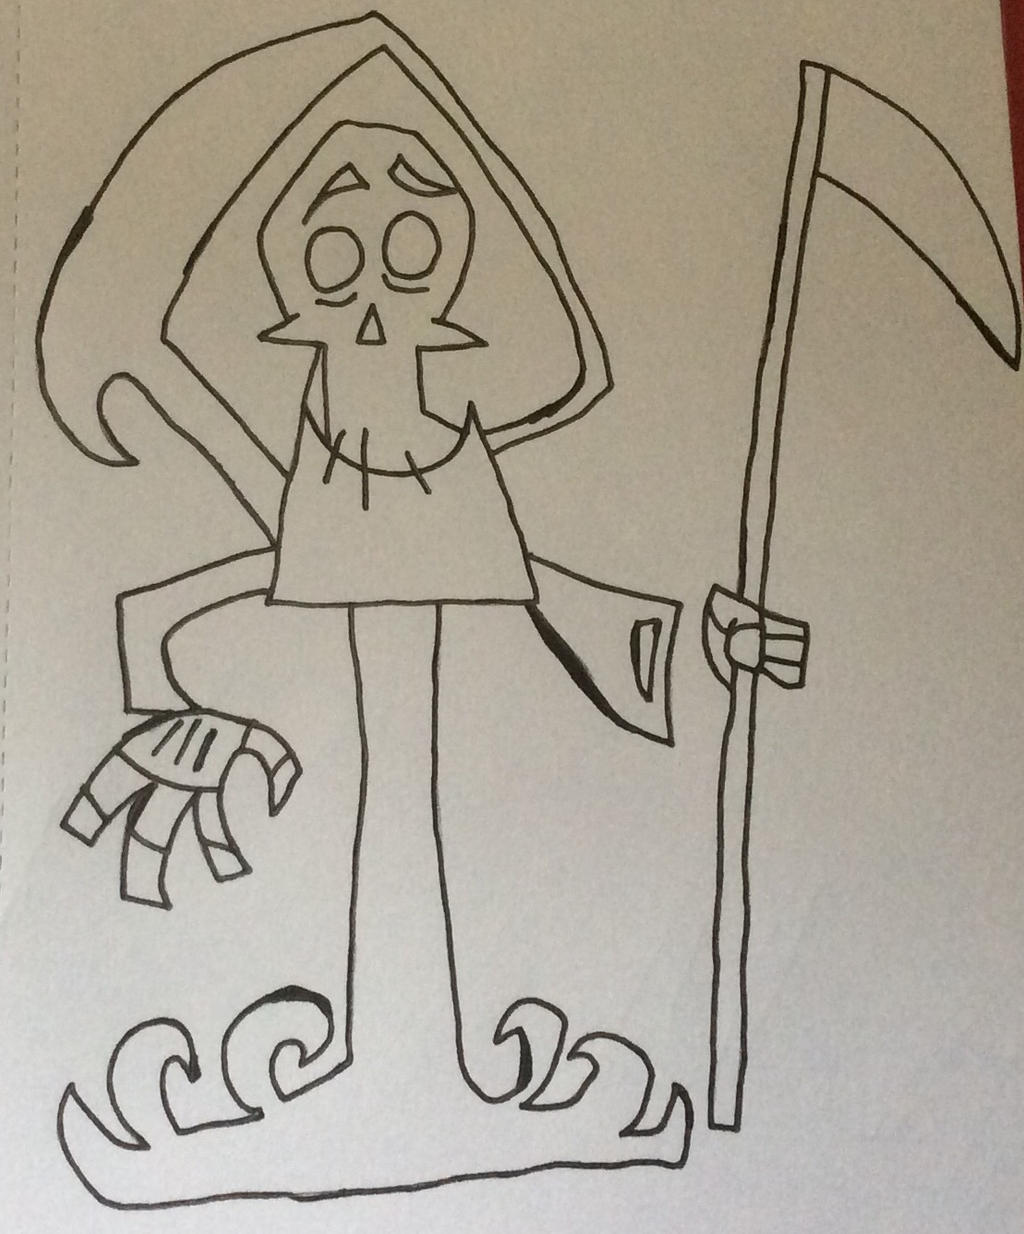 The Grin Reaper by JimmyTheNerd